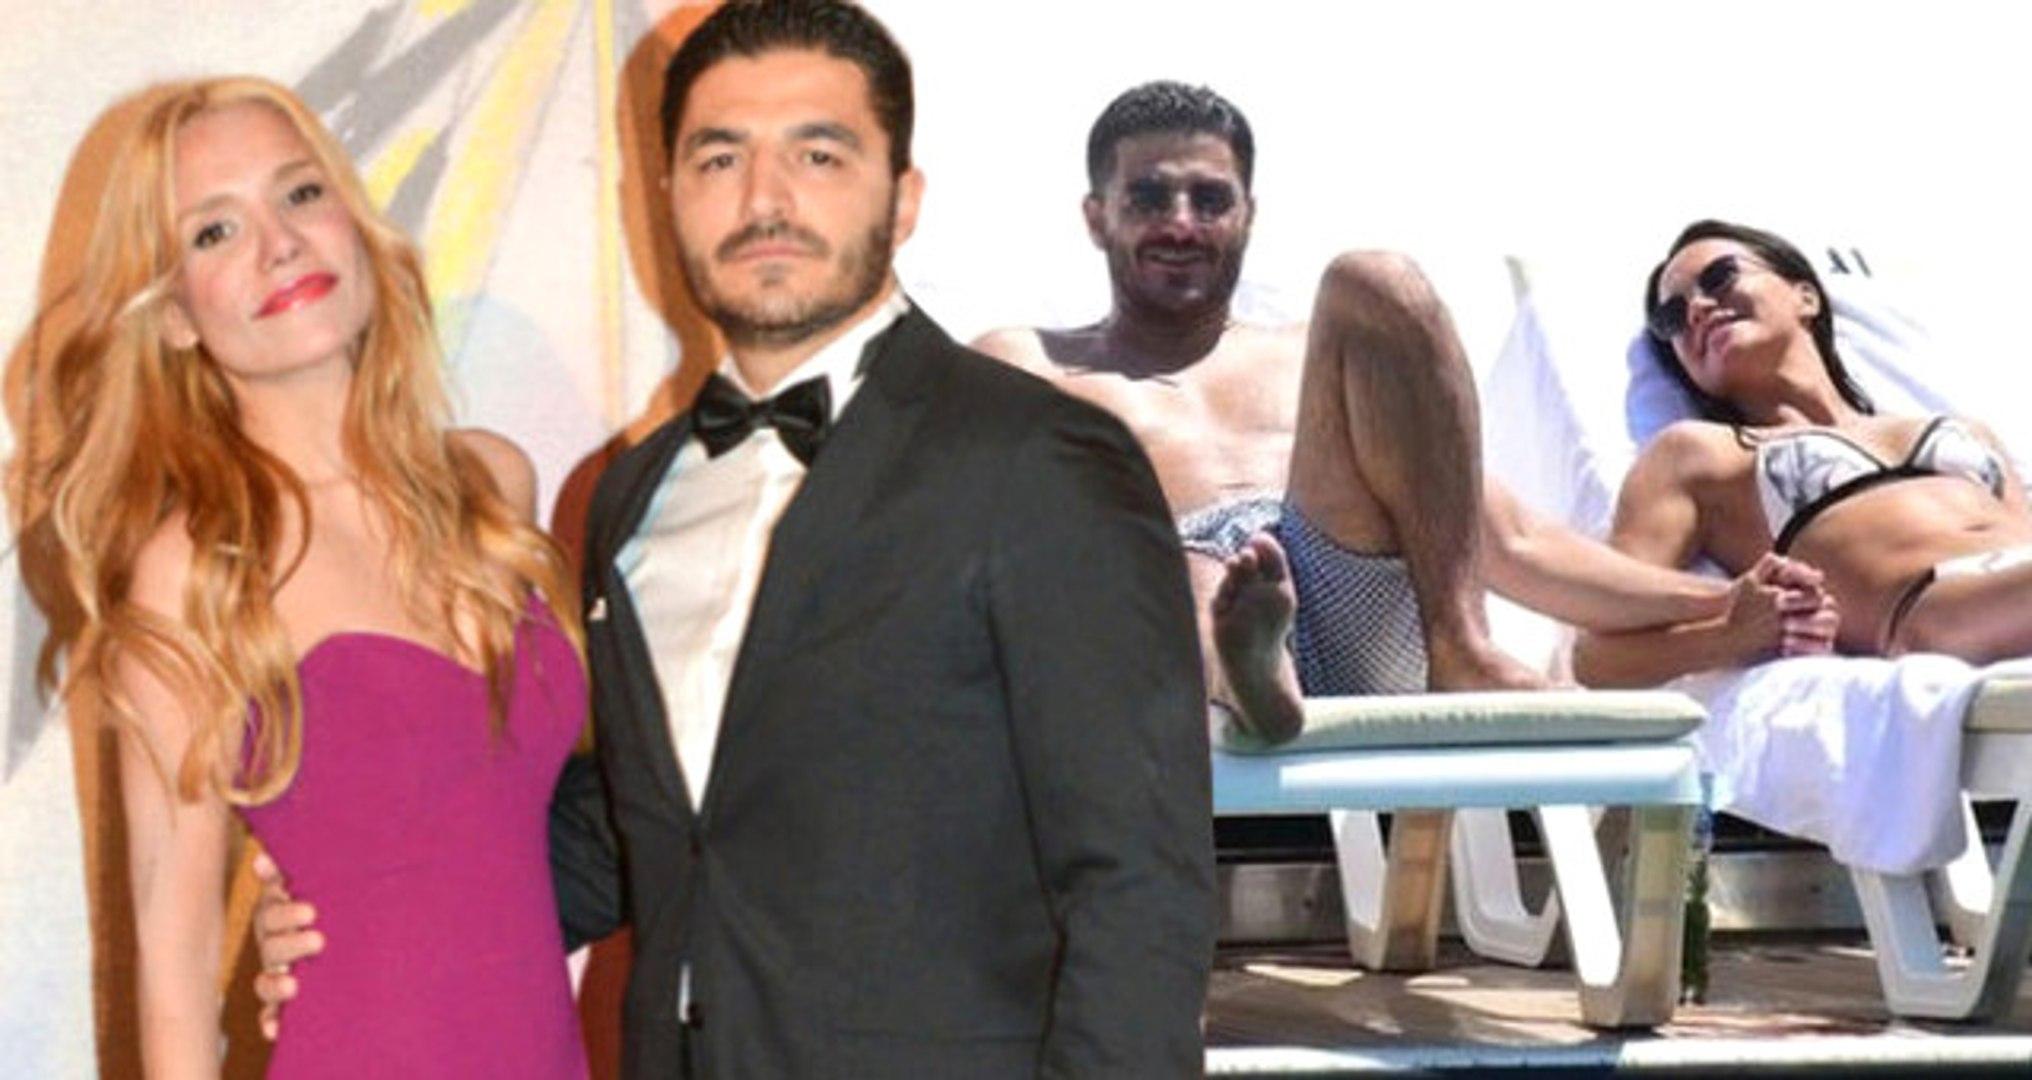 Karısını Ebru Şallı ile Aldatan İş Adamı: Eşimin Raporu Var Çıkıp İfşa mı Edeyim?